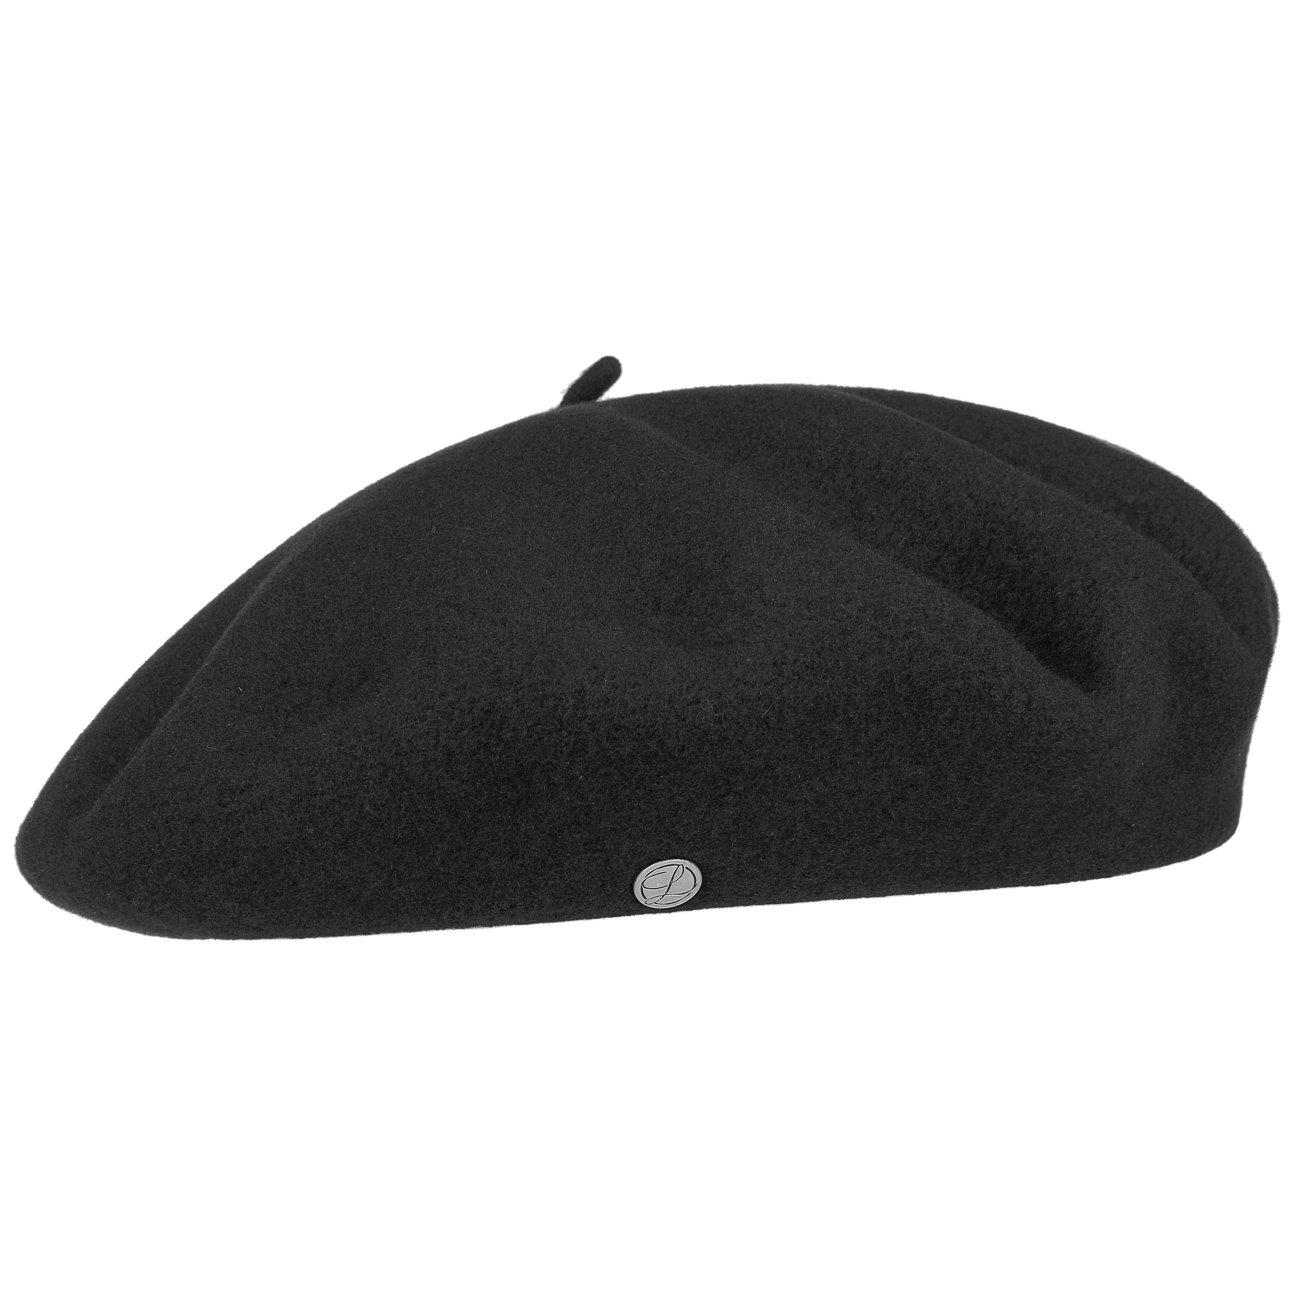 Authentique Classic Wool Beret - Black